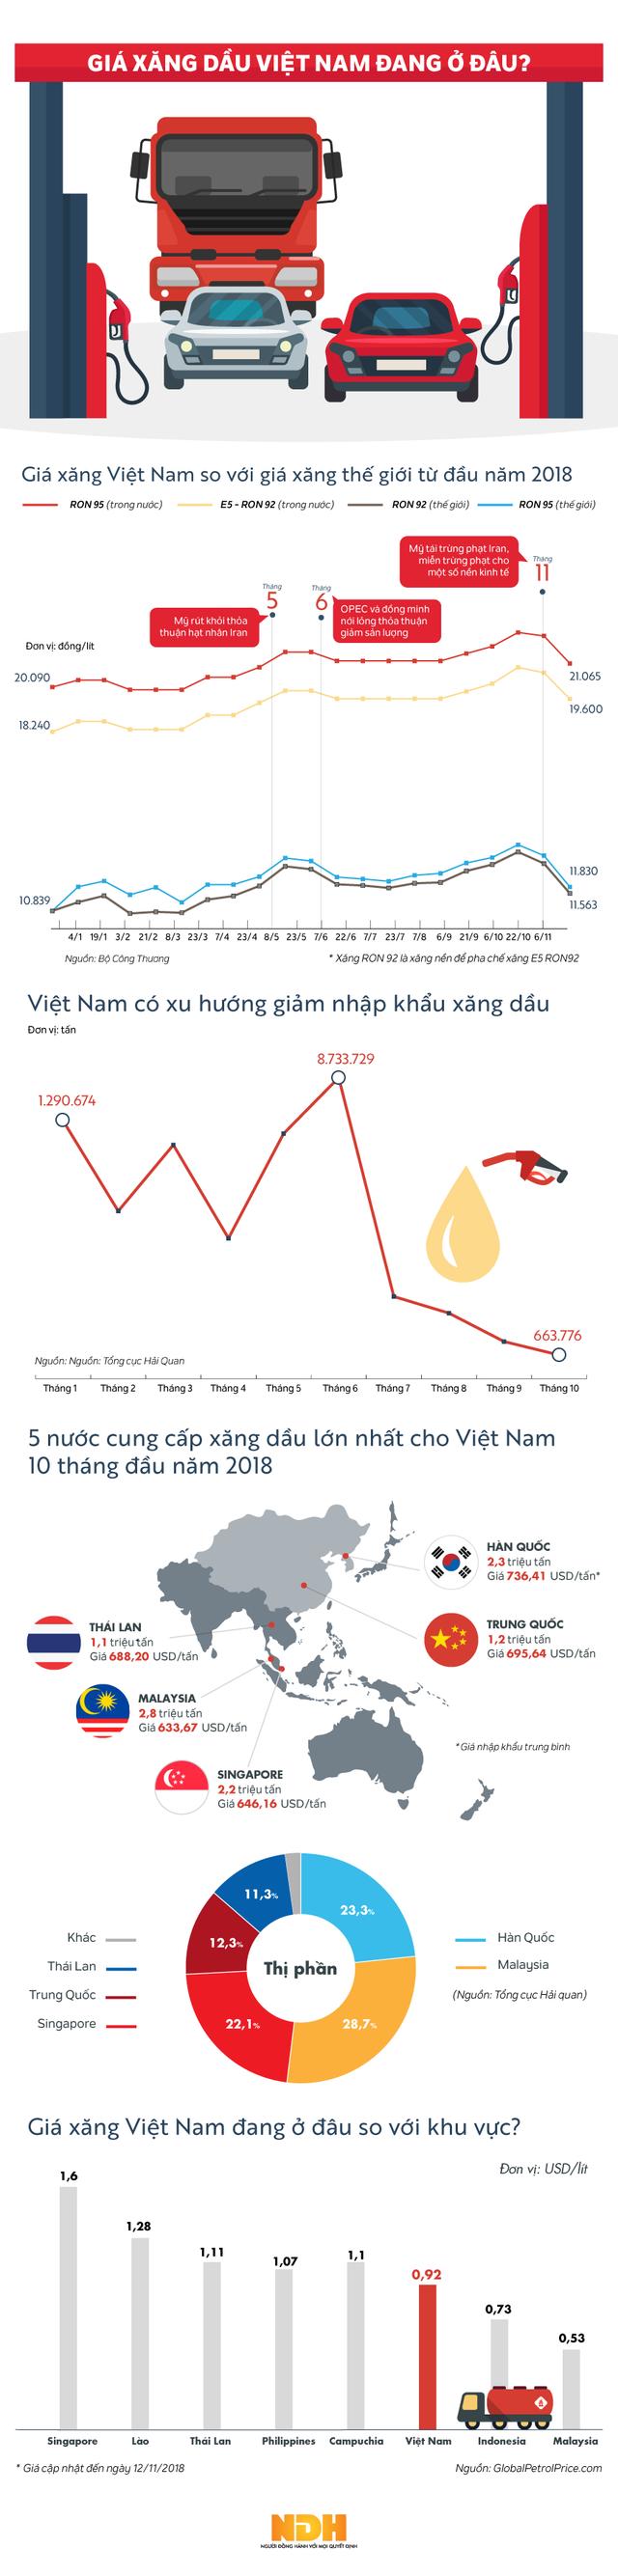 [Infographic] Giá xăng Việt Nam sẽ giảm trong kỳ điều hành tới? - Ảnh 1.